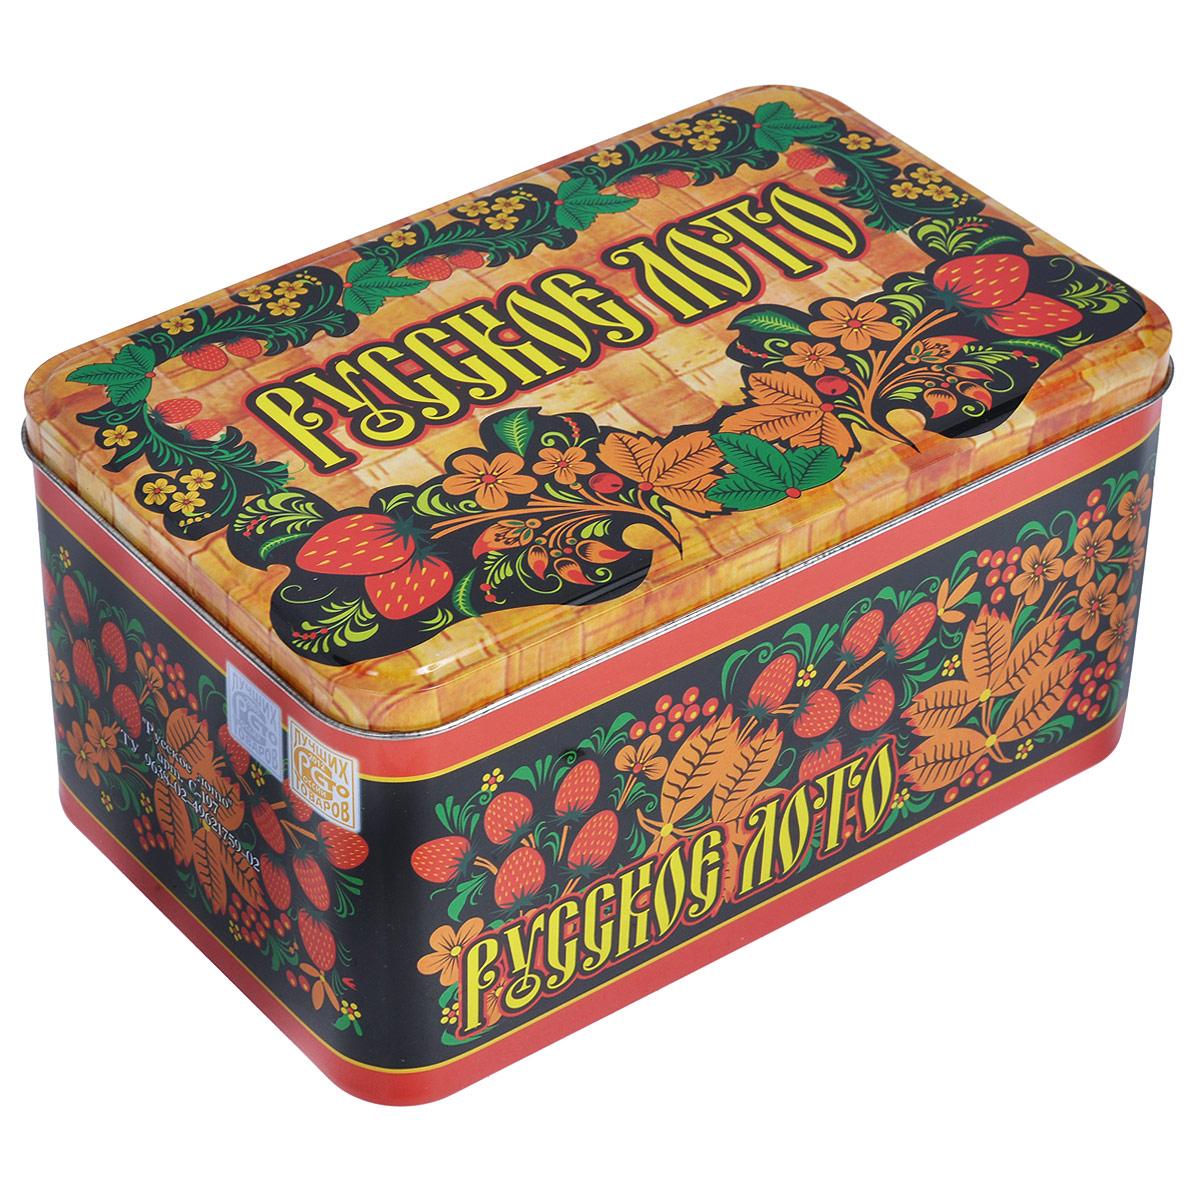 Игра настольная Русское лото, размер: 19х11х10,5 см. 30033003Настольная игра Русское лото - то, что нужно для отличного проведения досуга в кругу друзей и близких. Набор включает 90 деревянных бочонков, текстильный мешочек и 24 игровых карточки. Для бочонков предусмотрен текстильный мешочек коричневого цвета. Все предметы хранятся в жестяной коробке, оформленной узорами в русском народном стиле и надписью Русское лото. Русское лото - это старинная русская игра, правила которой предельно просты и всем известны. Игра обрела популярность в 20 веке и стала единственной официально разрешенной азартной игрой в Советском Союзе. Суть игры состоит в том, чтобы первым закрыть определенное количество цифр на своей карточке. Русское лото делится на три вида: простое лото, короткое лото и лото три на три. Играть можно на деньги или на интерес. Подробные правила игры вы можете найти в инструкции, написанной на коробки.